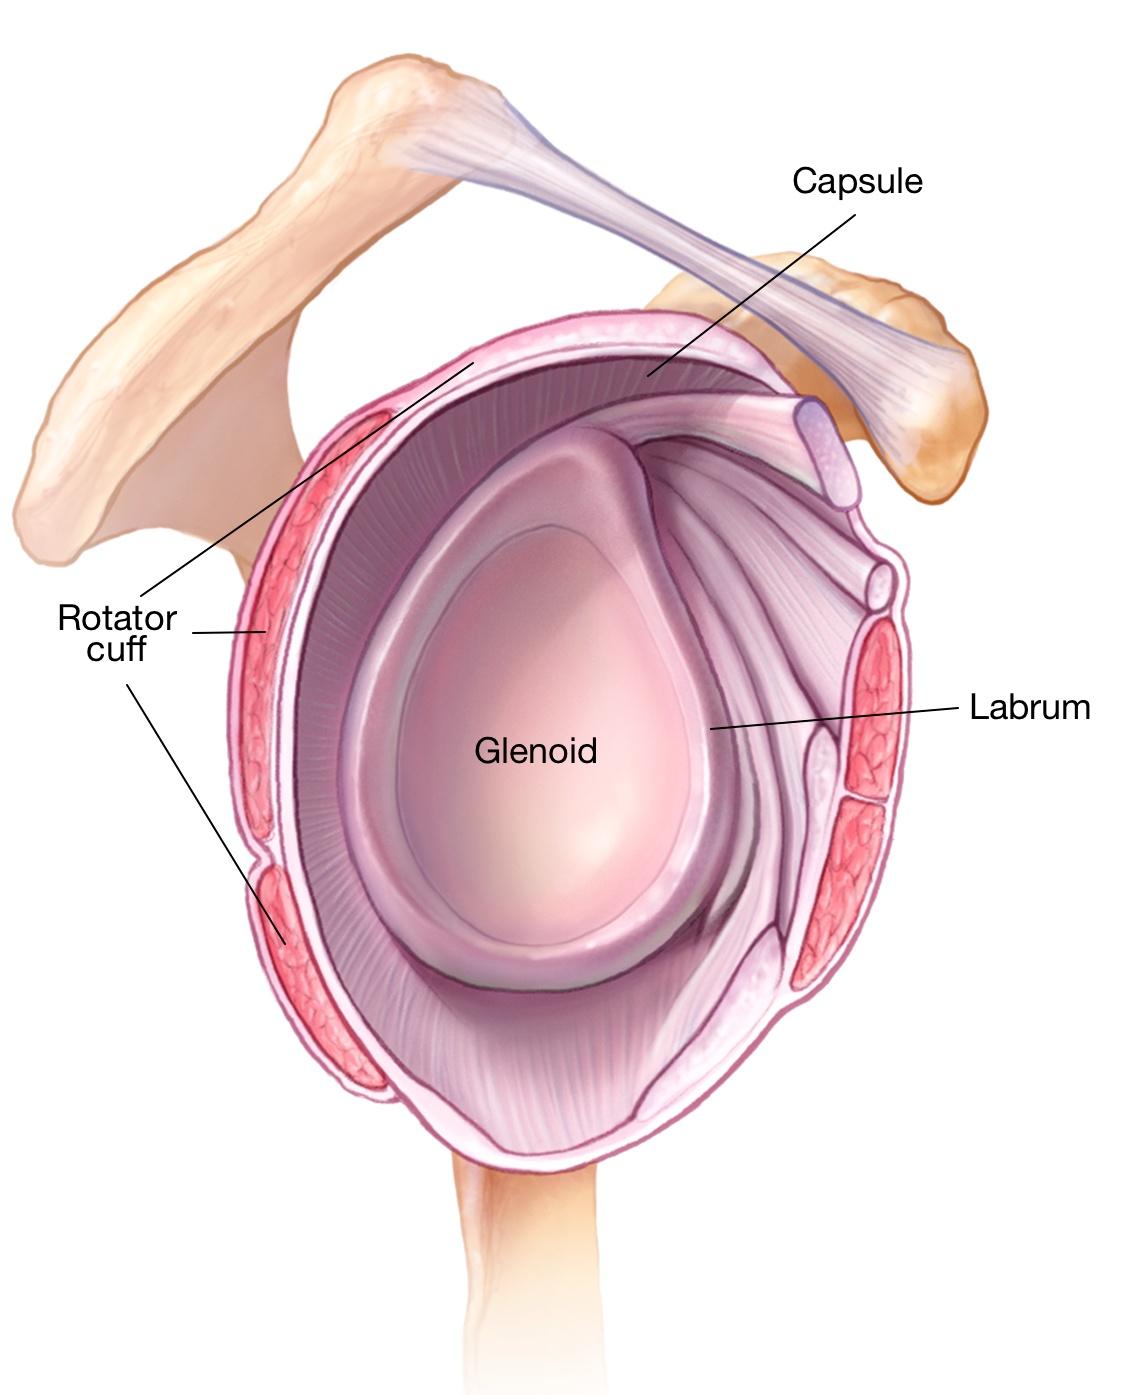 Ziemlich Hip Labrum Anatomy Zeitgenssisch Menschliche Anatomie